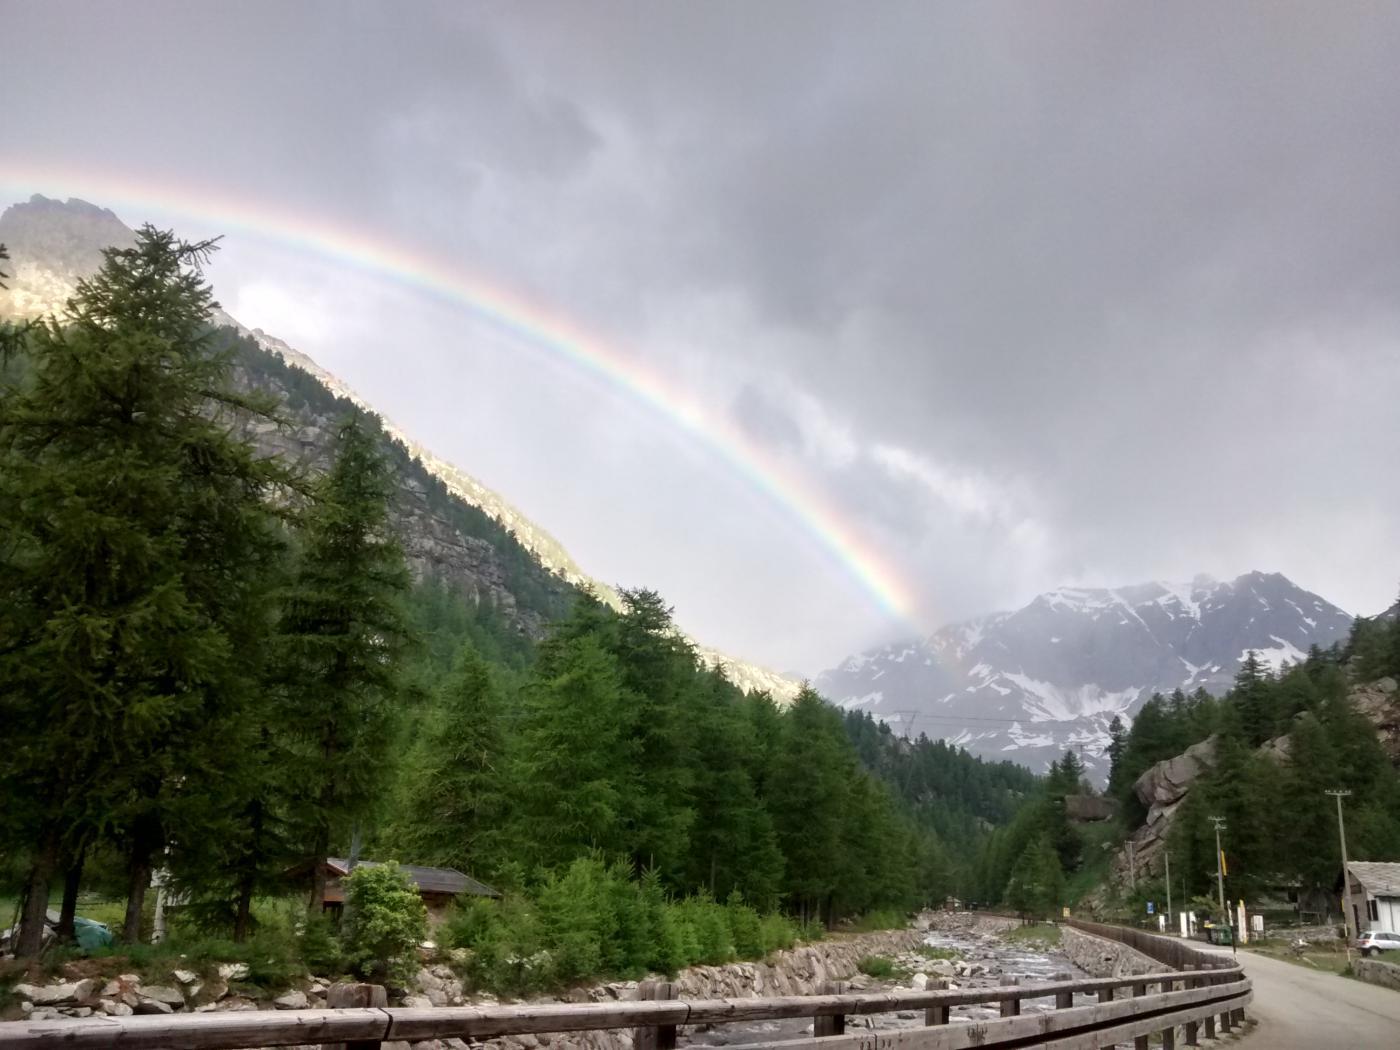 l'arcobaleno indica la meta